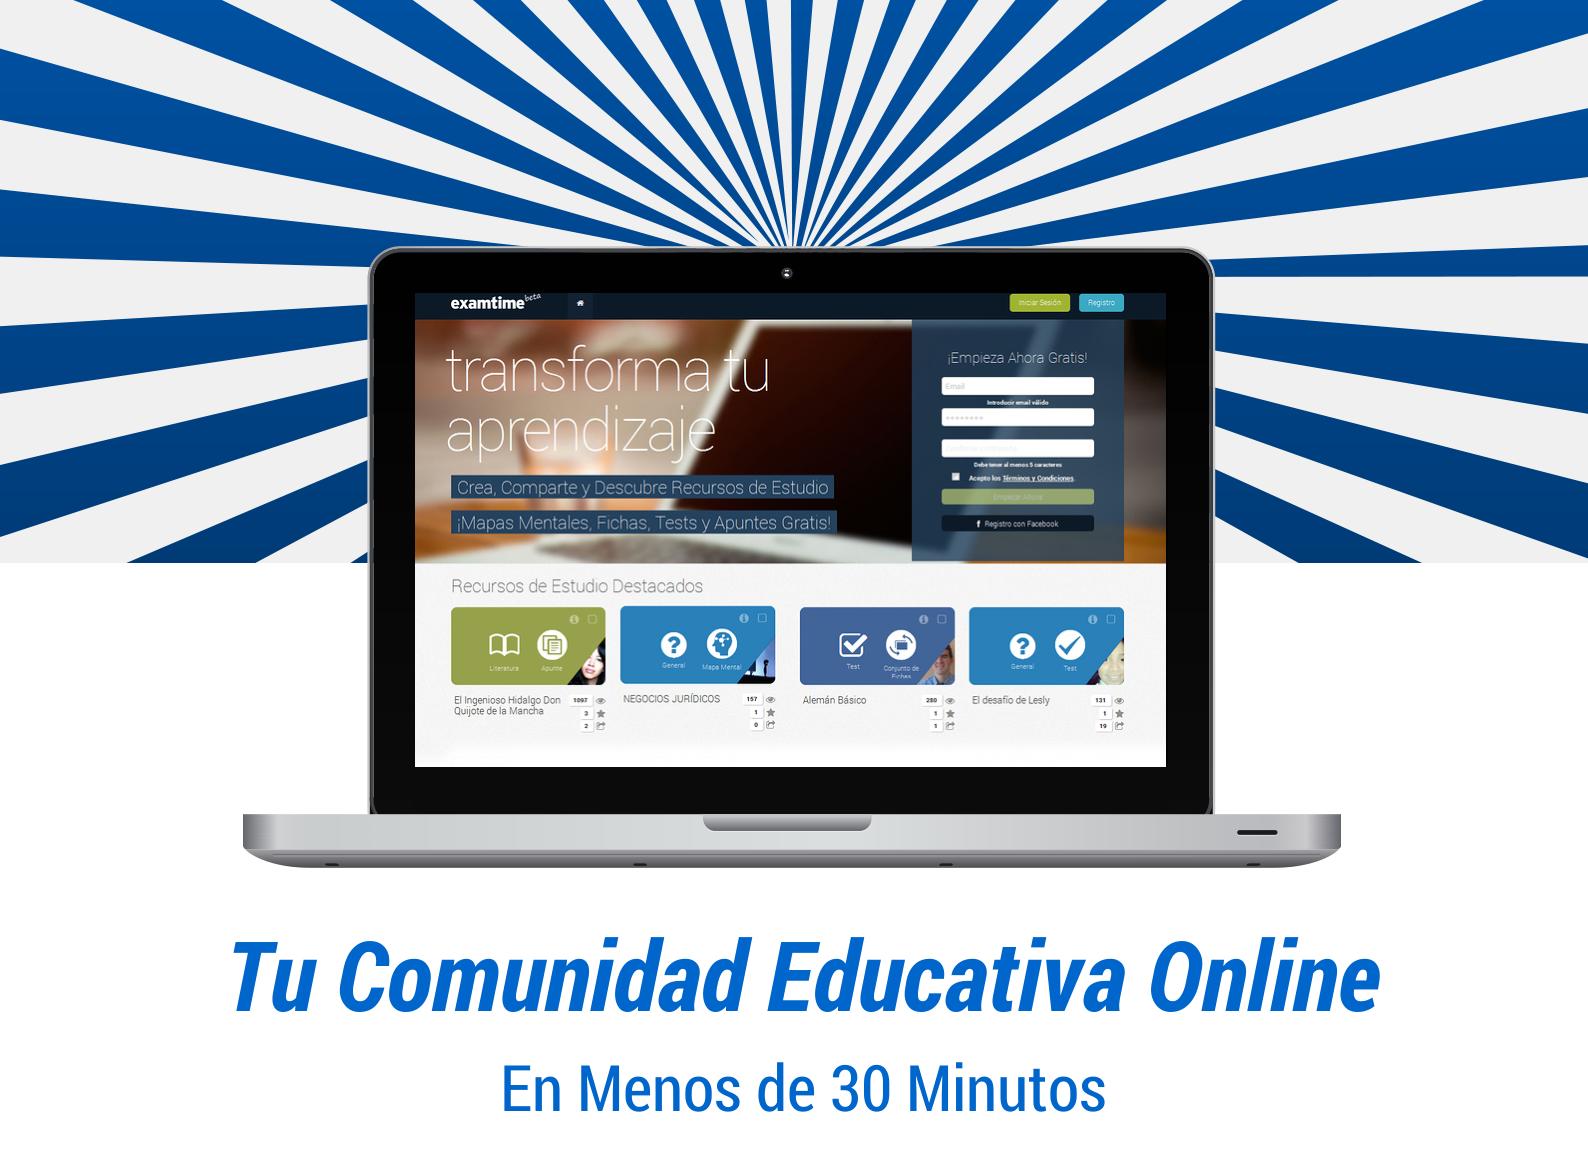 C mo crear una comunidad educativa virtual en 30 minutos for Cocinar en 30 minutos